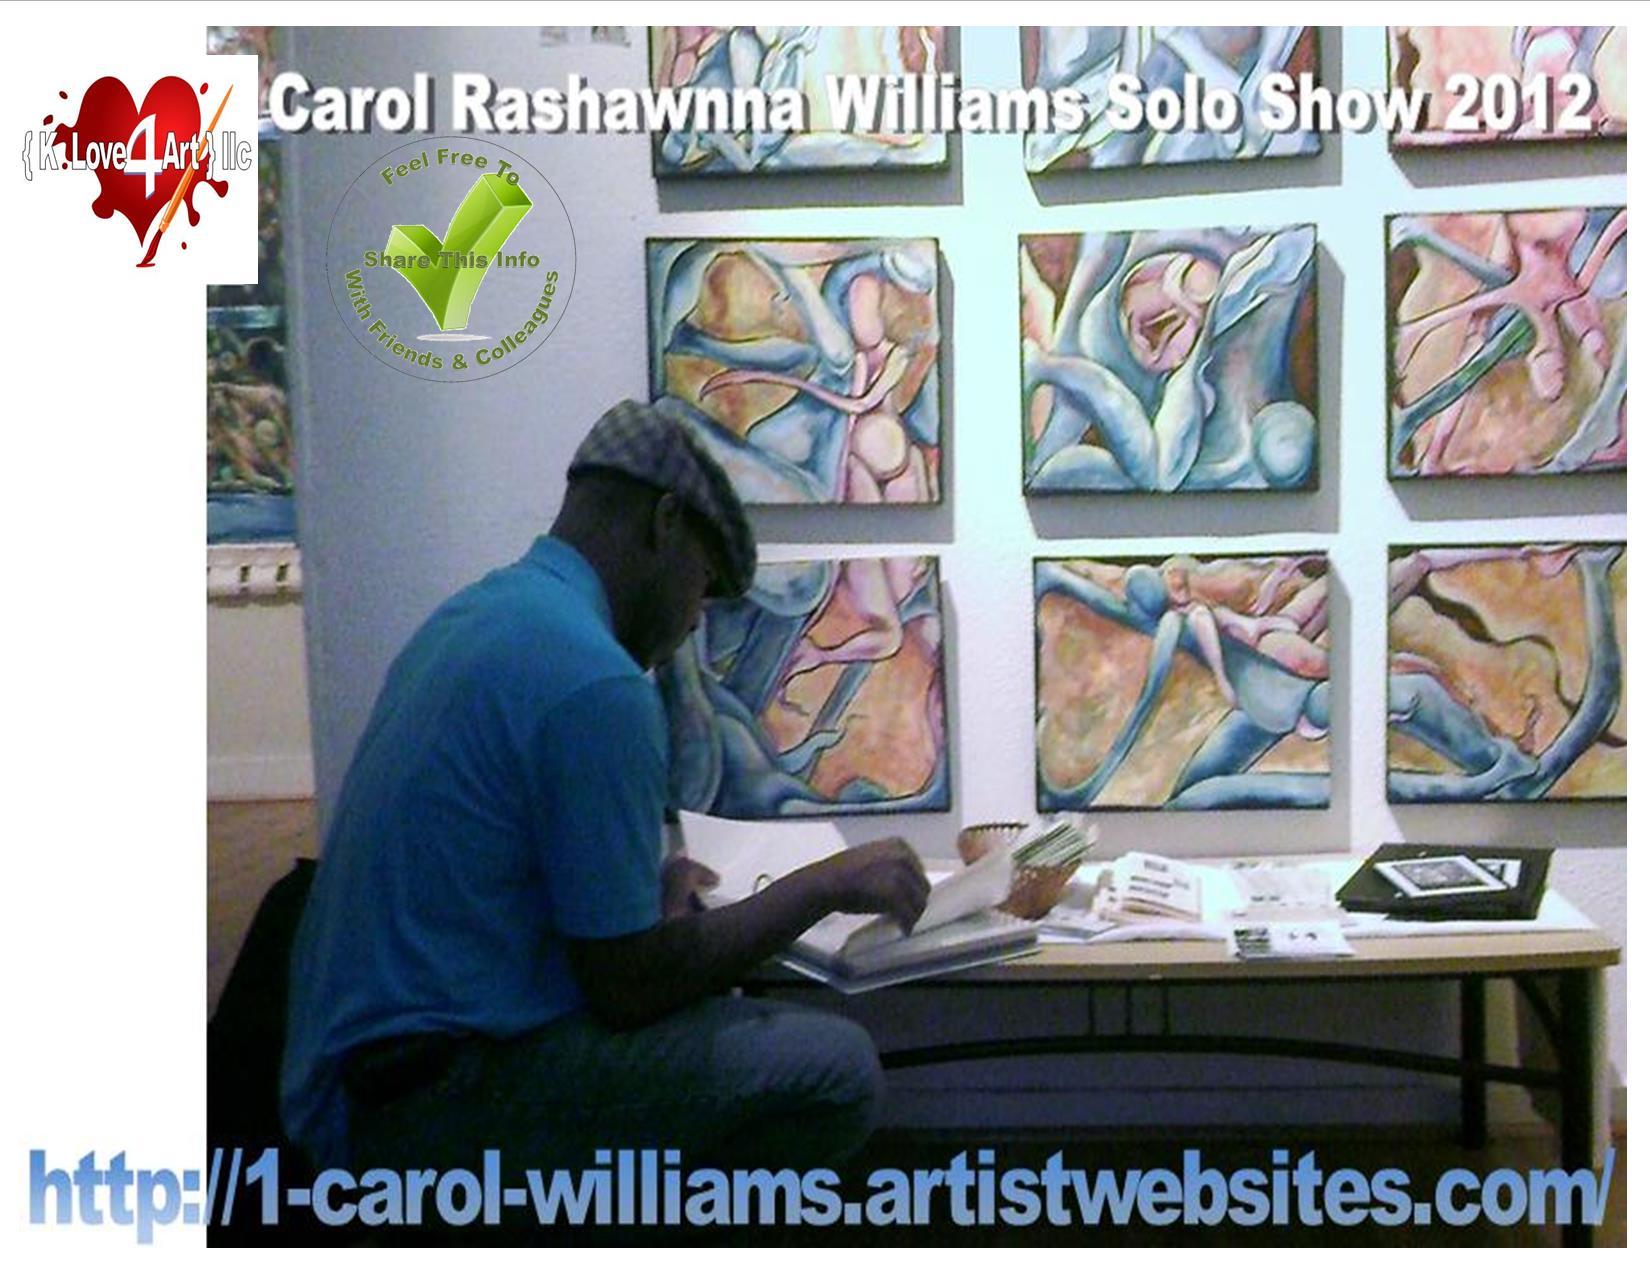 Solo Show 2012 CRW